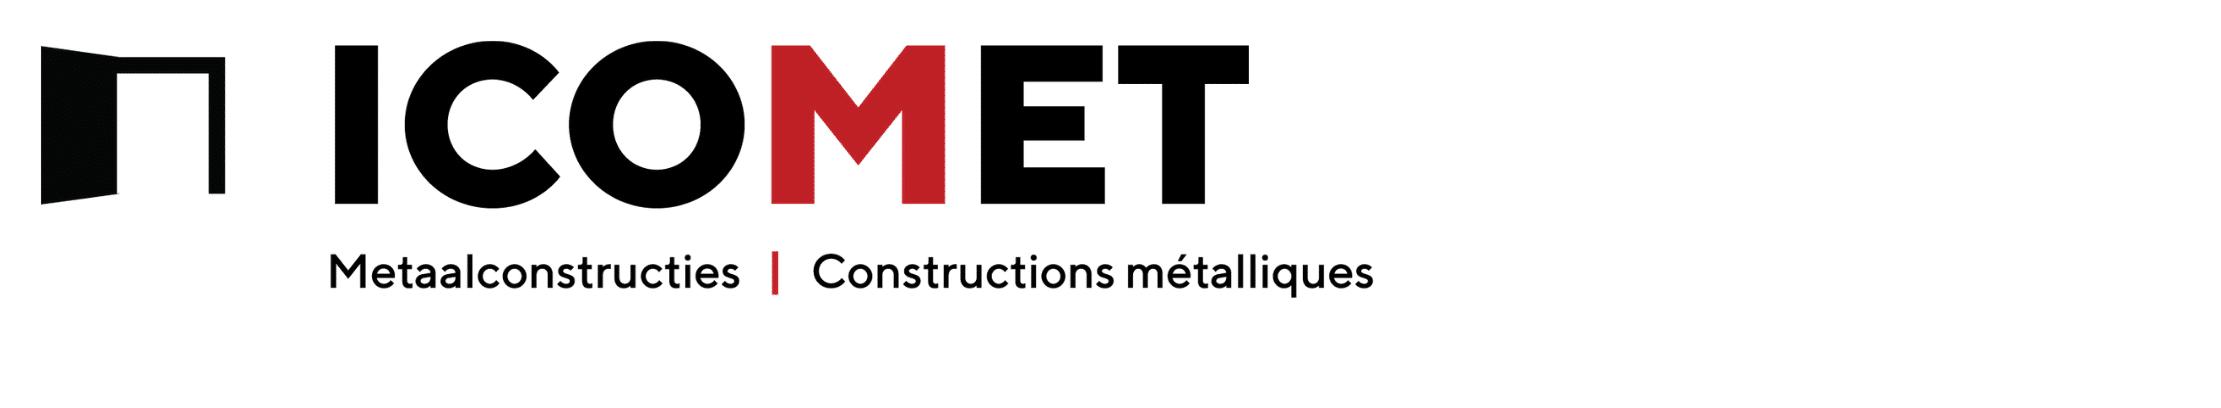 ICOMET Metaalconstructies